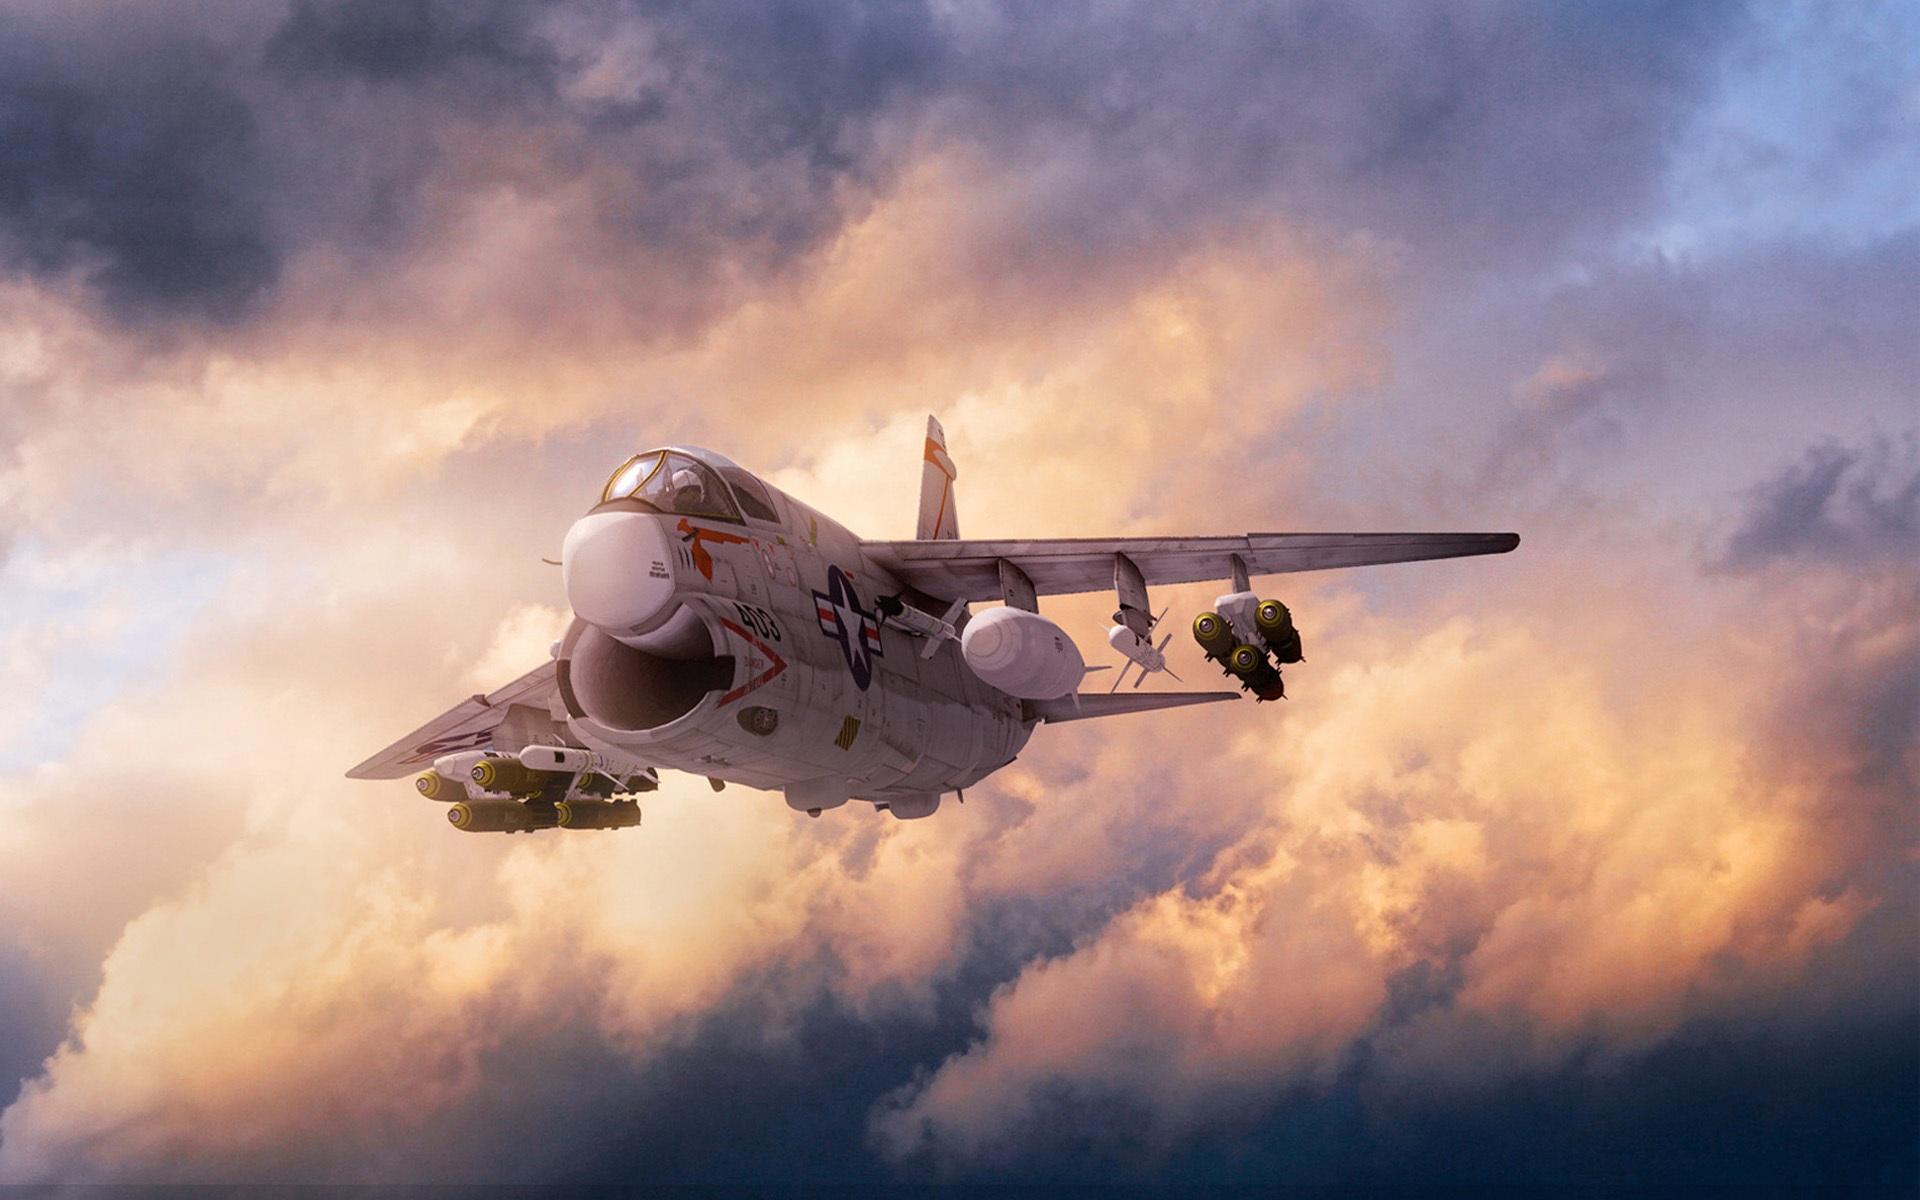 Авиалайнер в воздухе  № 2357406 загрузить